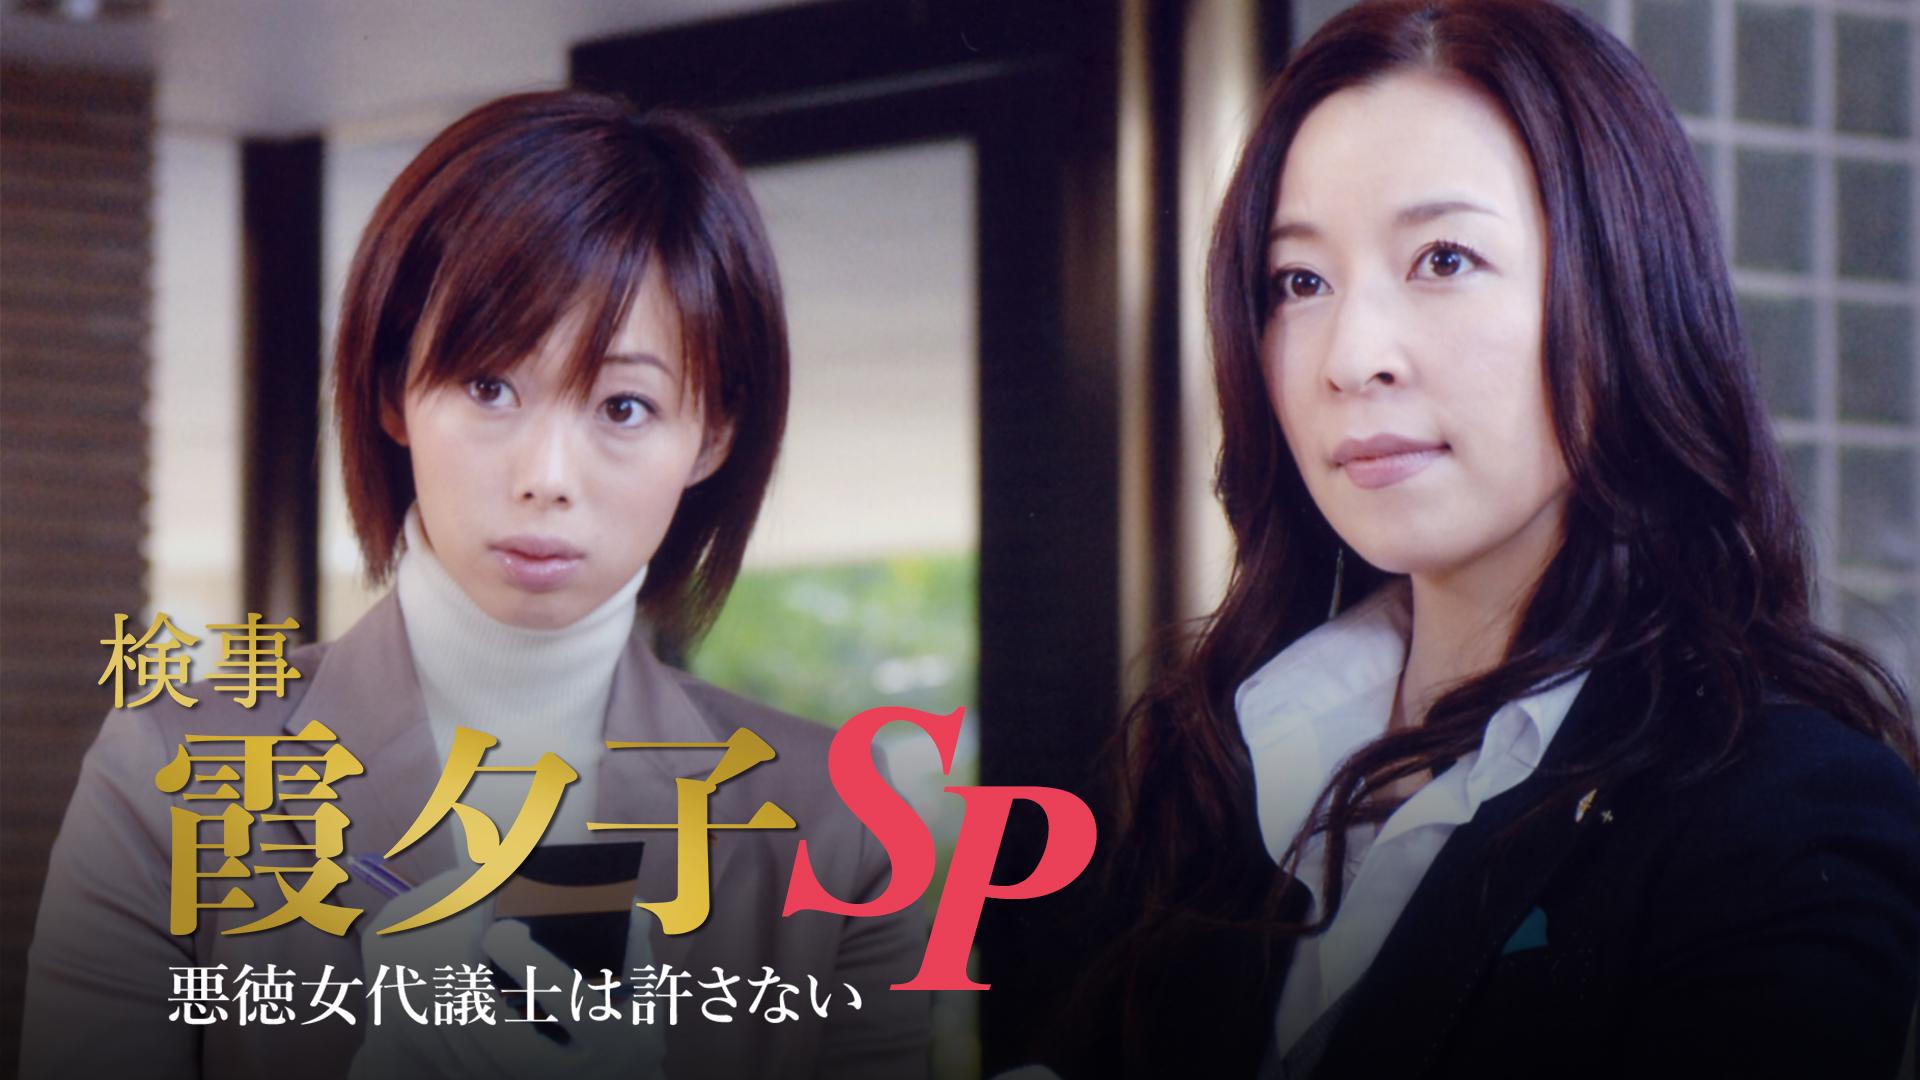 検事 霞夕子SP 「悪徳代議士は許さない」